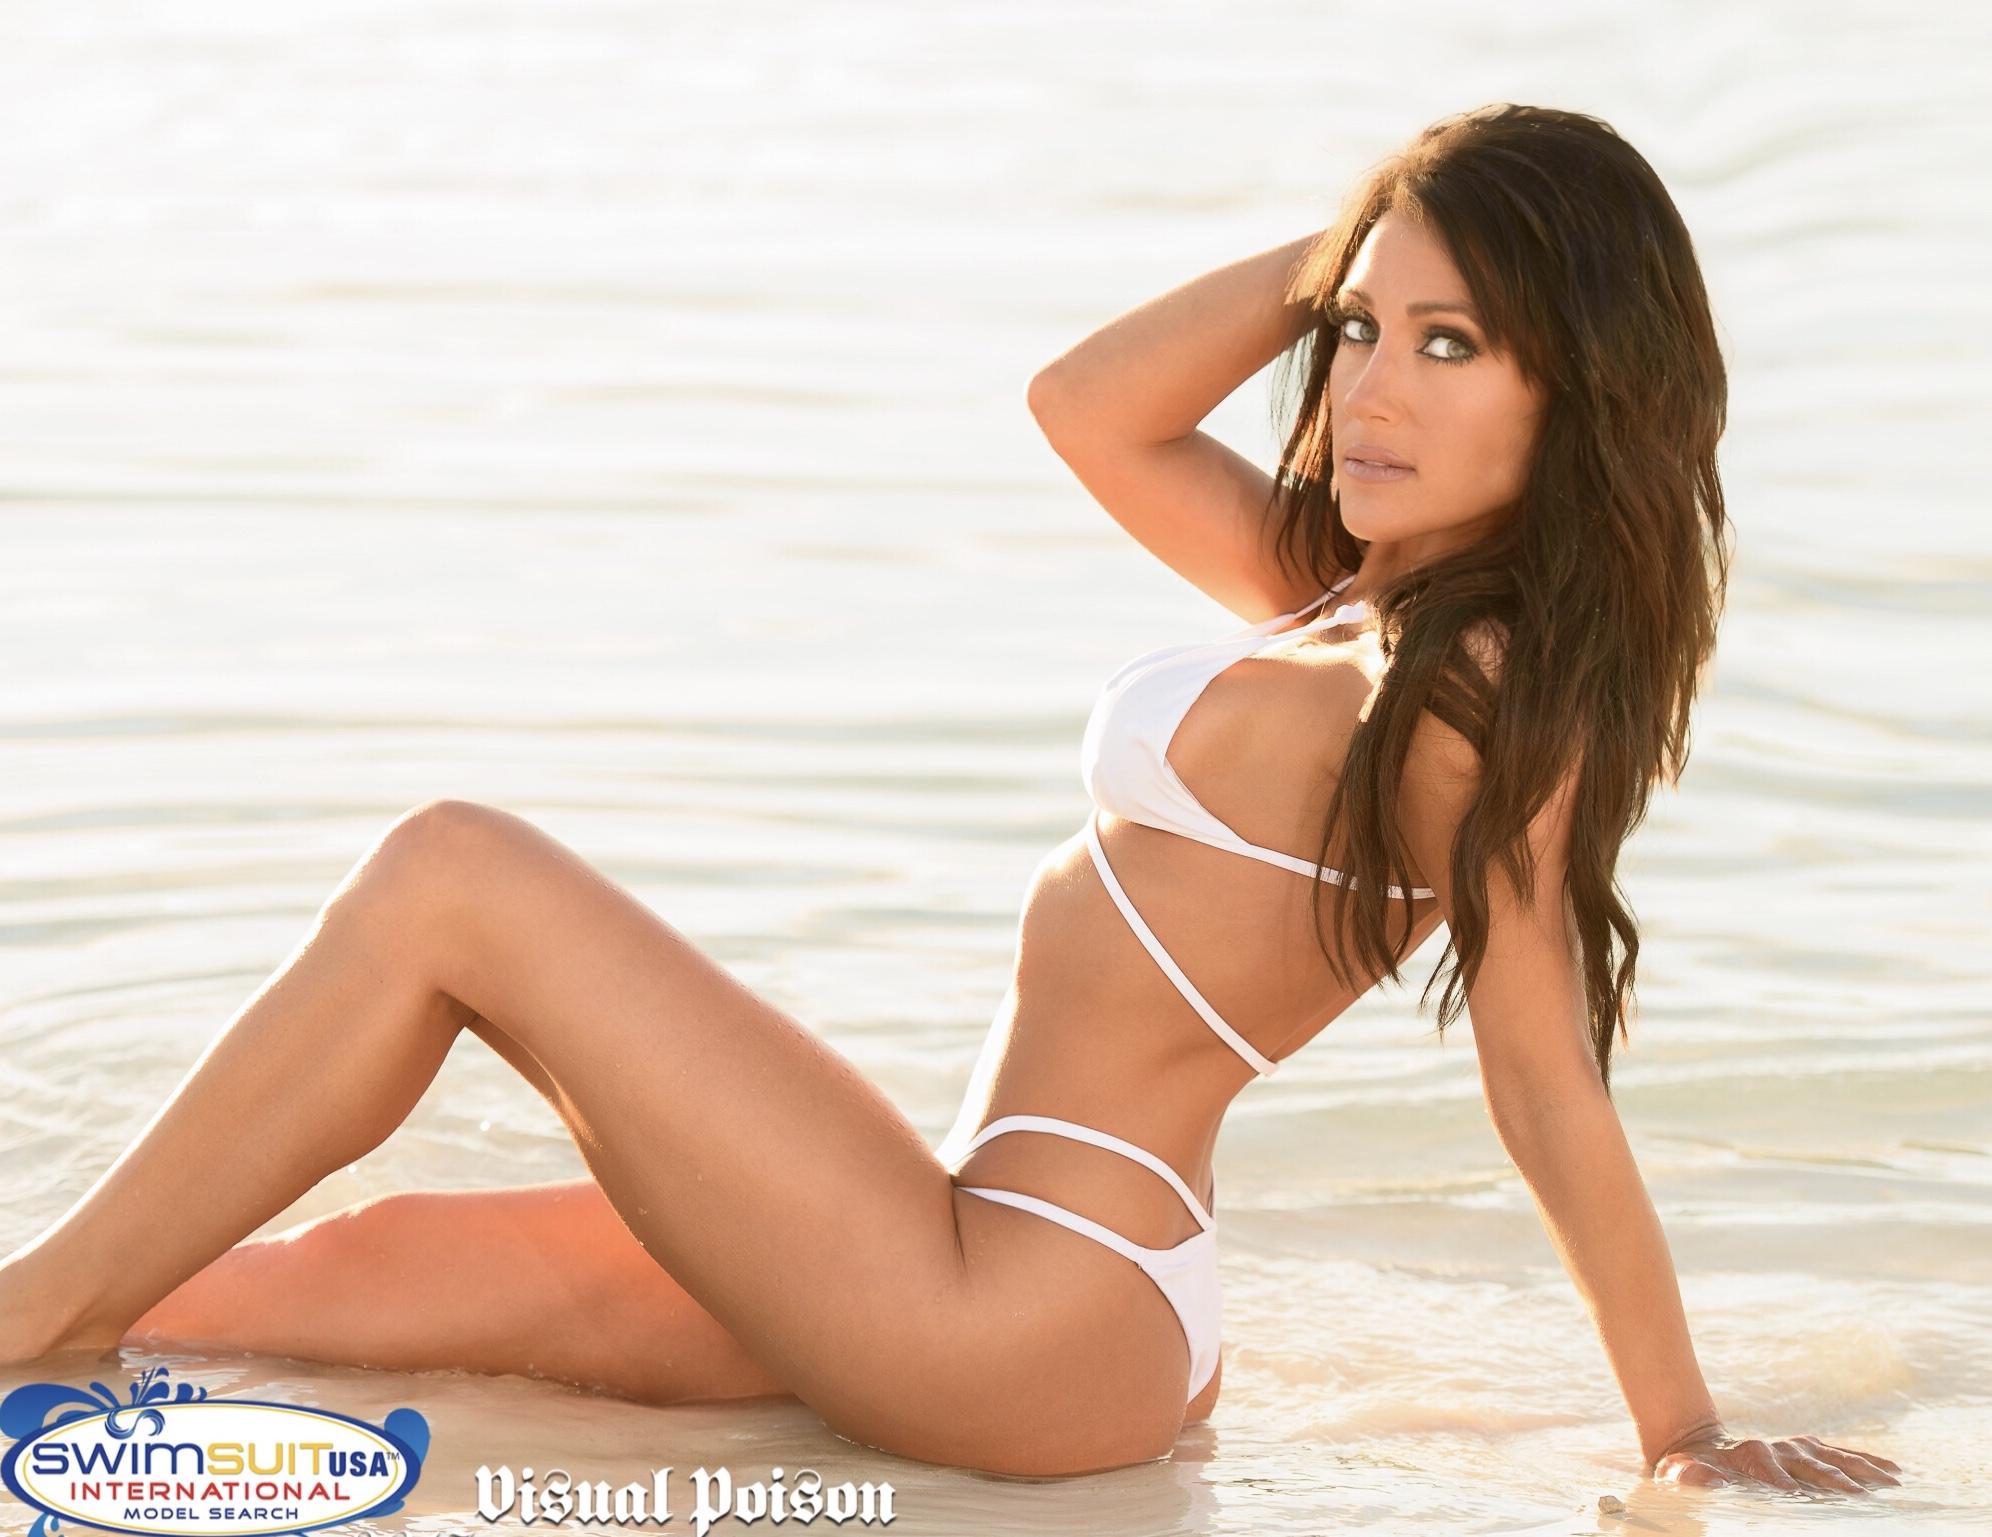 Bikini girl glamour life